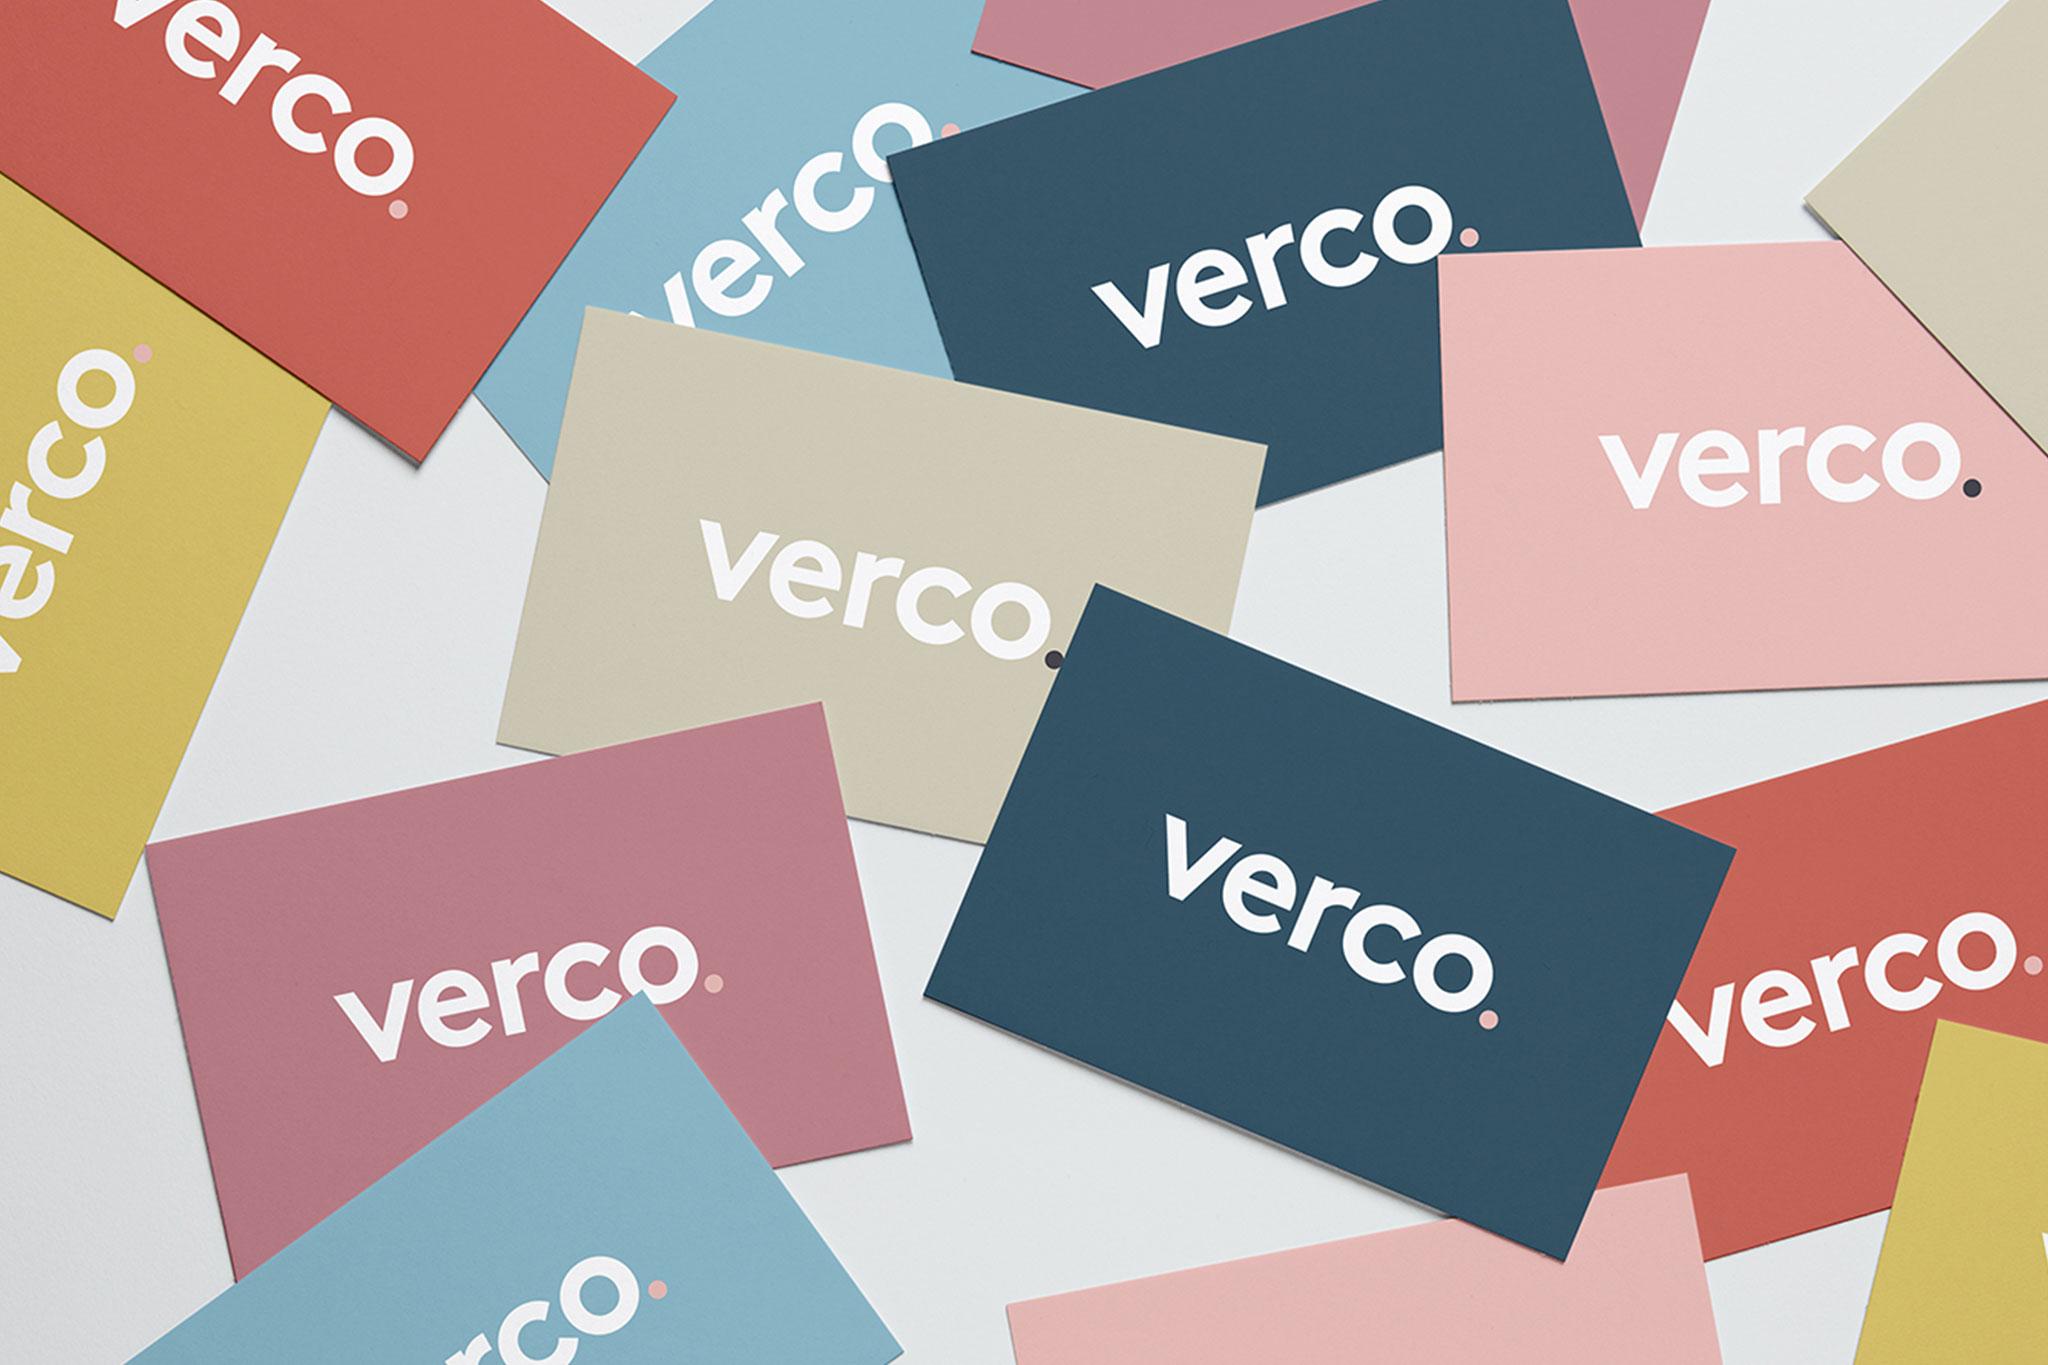 verco_cards